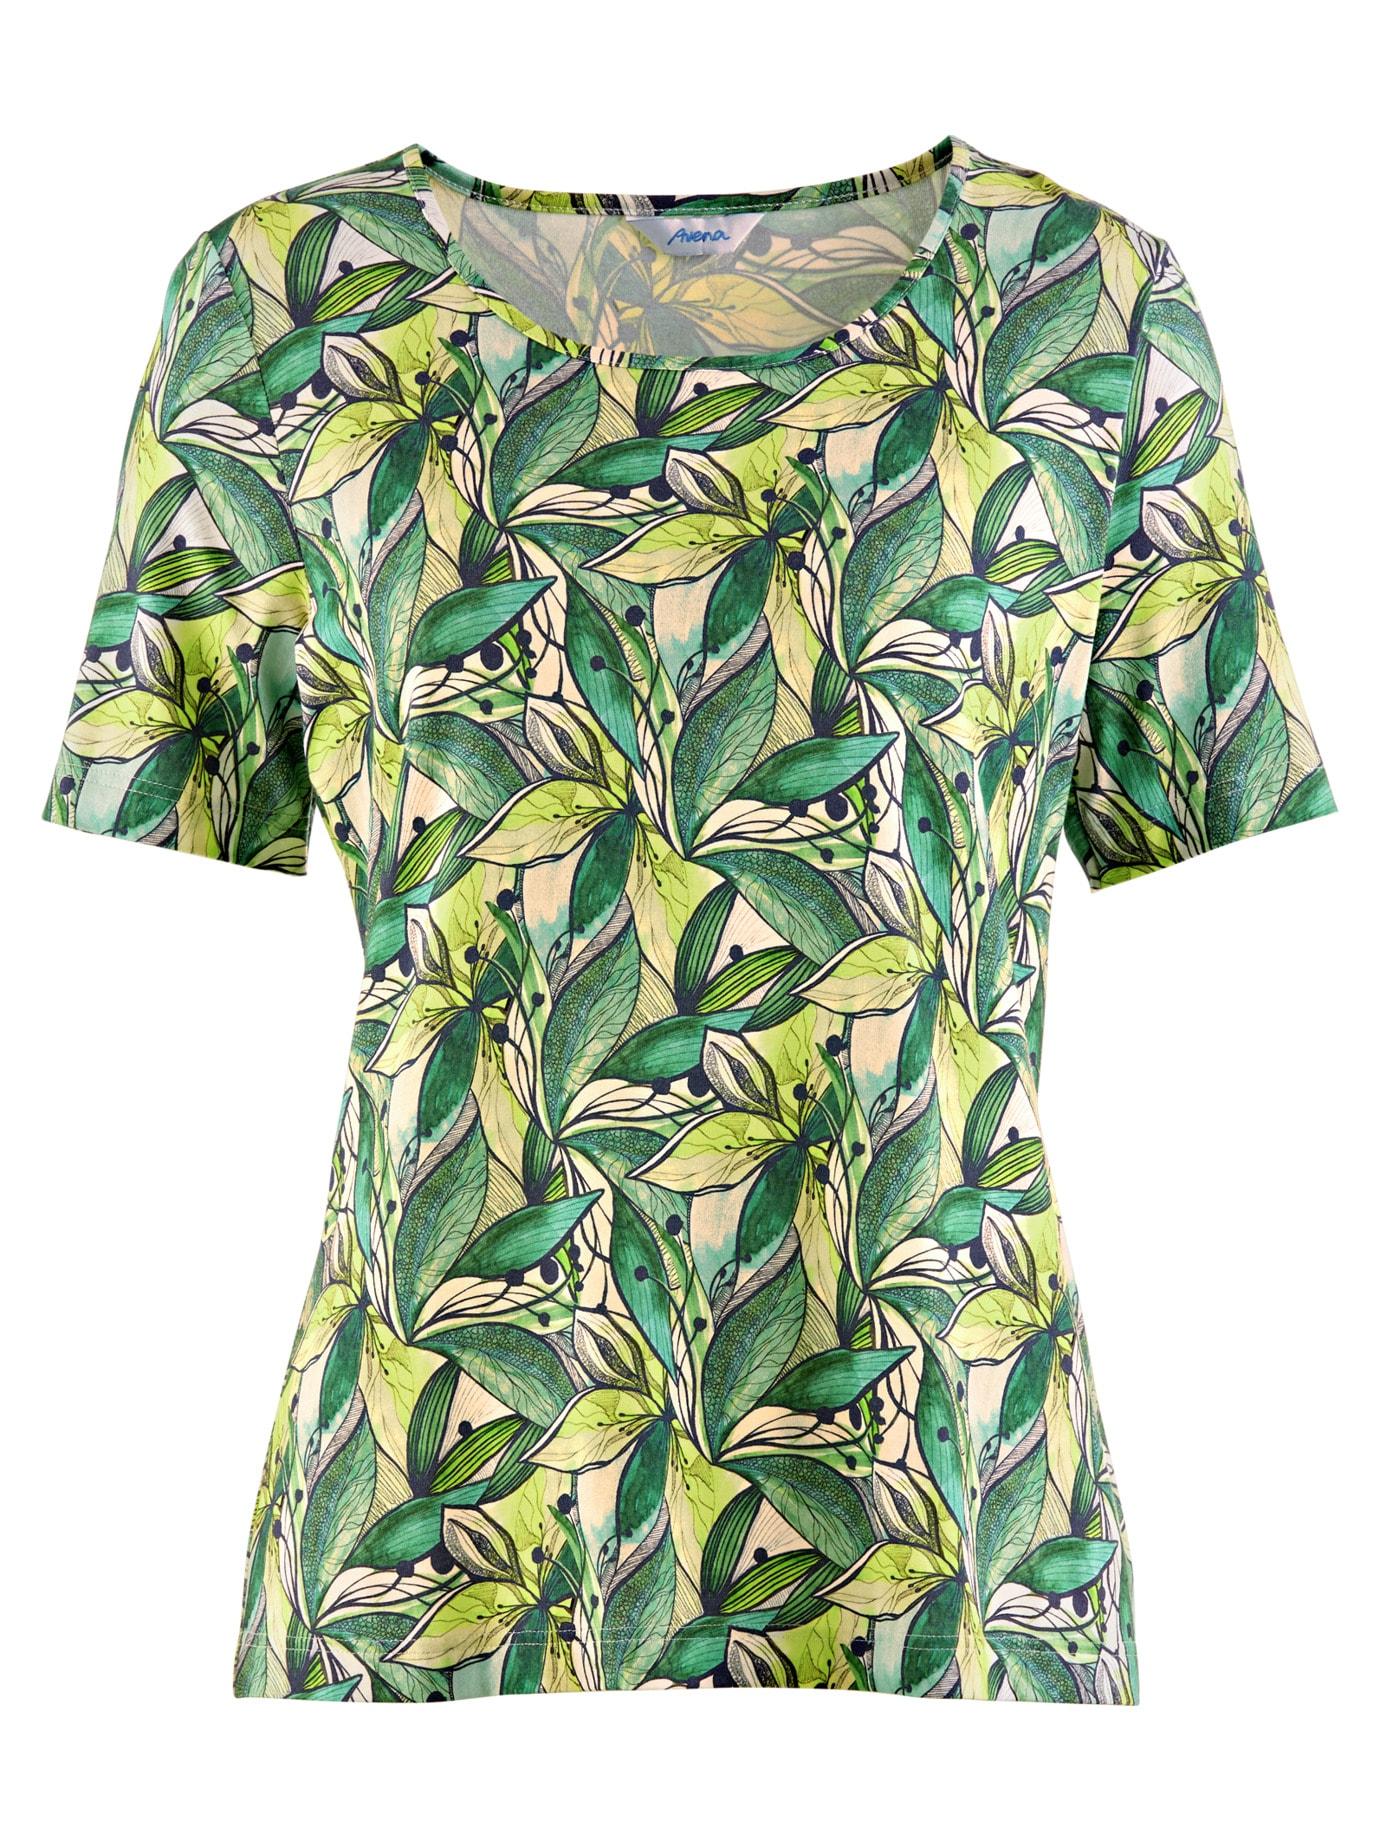 Avena Damen Aloe vera-Shirt Sommerfrische Gruen 43-6106-8